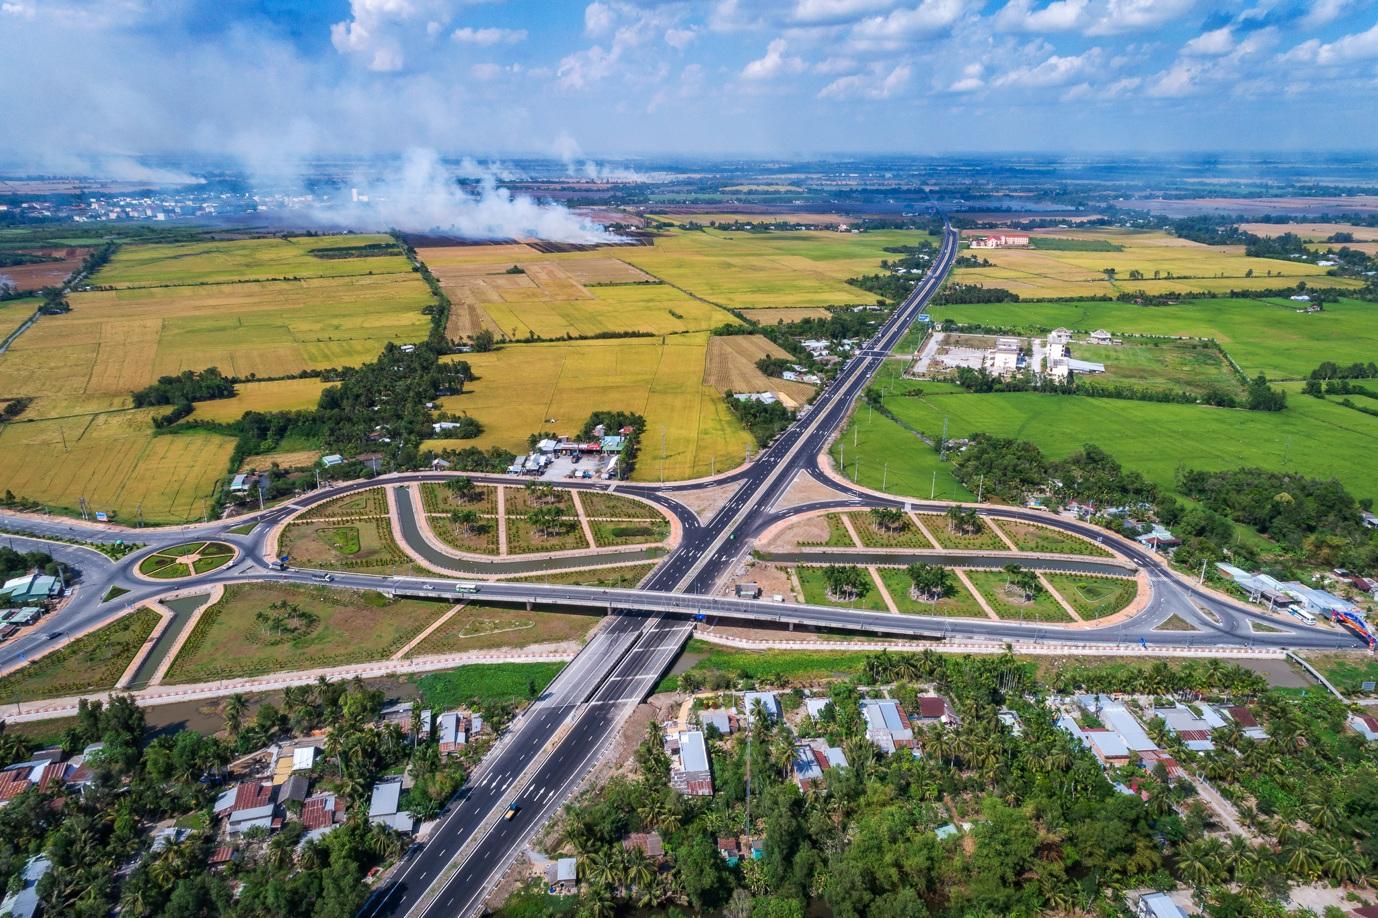 20210118170702 a3f7 Tin thị trường BĐS mới: Thị trường BĐS Tây Nam Bộ hứa hẹn nhiều bứt phá trong năm 2021